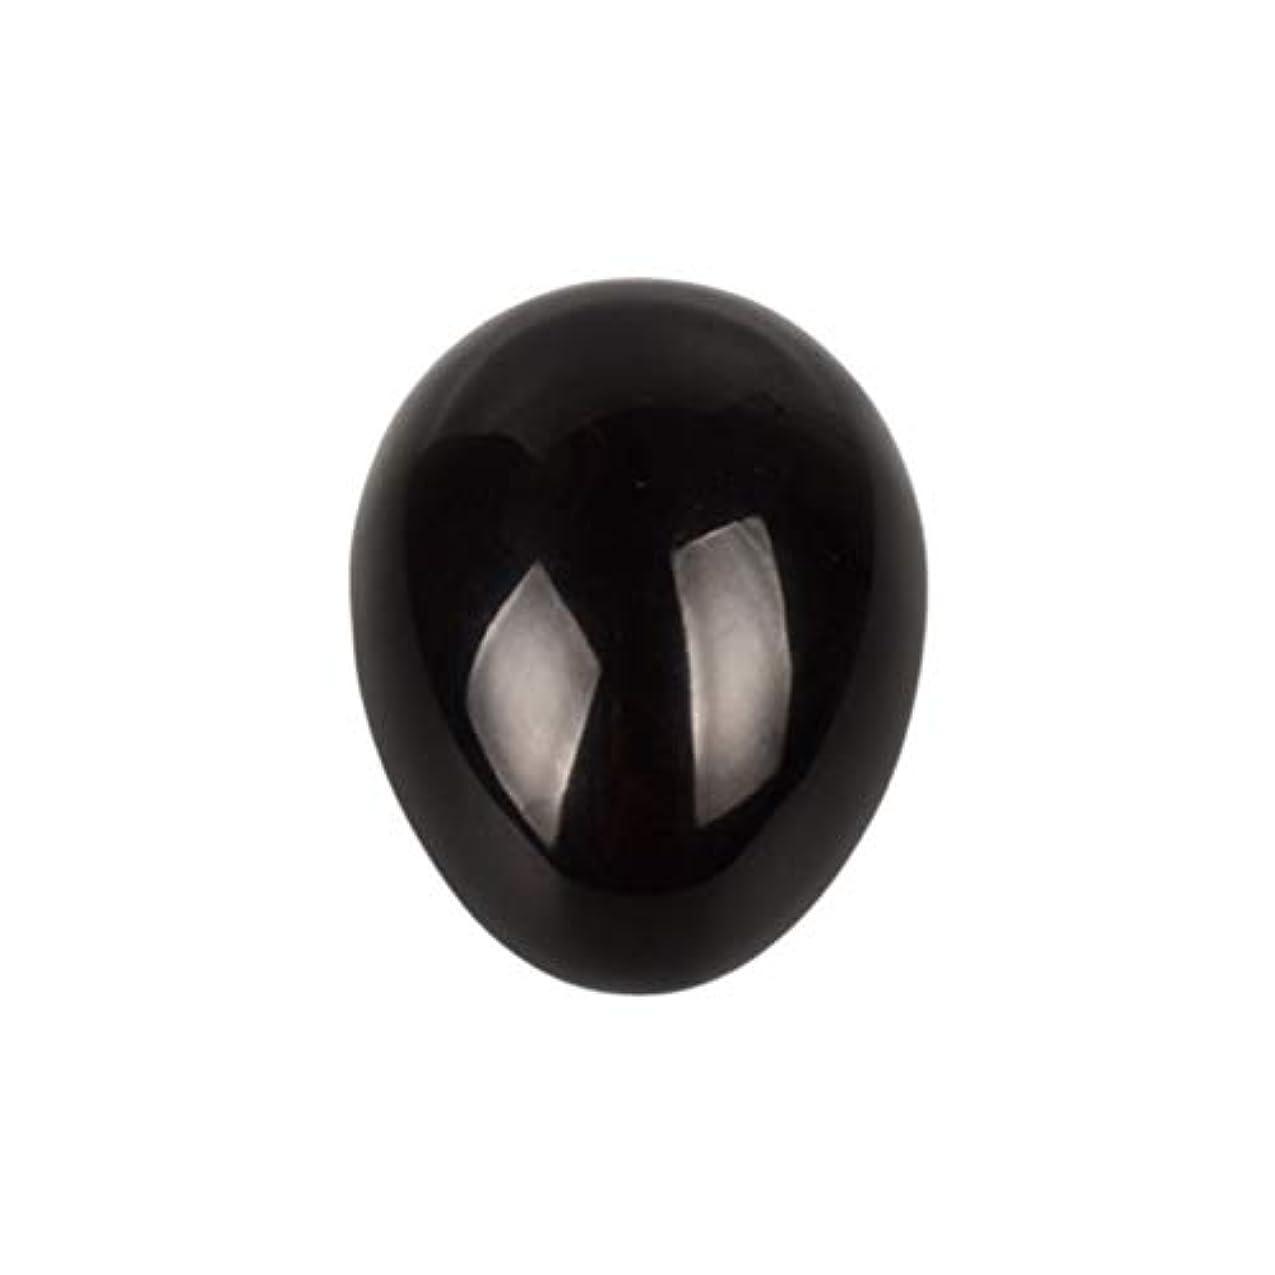 ミケランジェロ吐き出すペースROSENICE 瞑想チャクラバランスのための黒曜石の卵の球